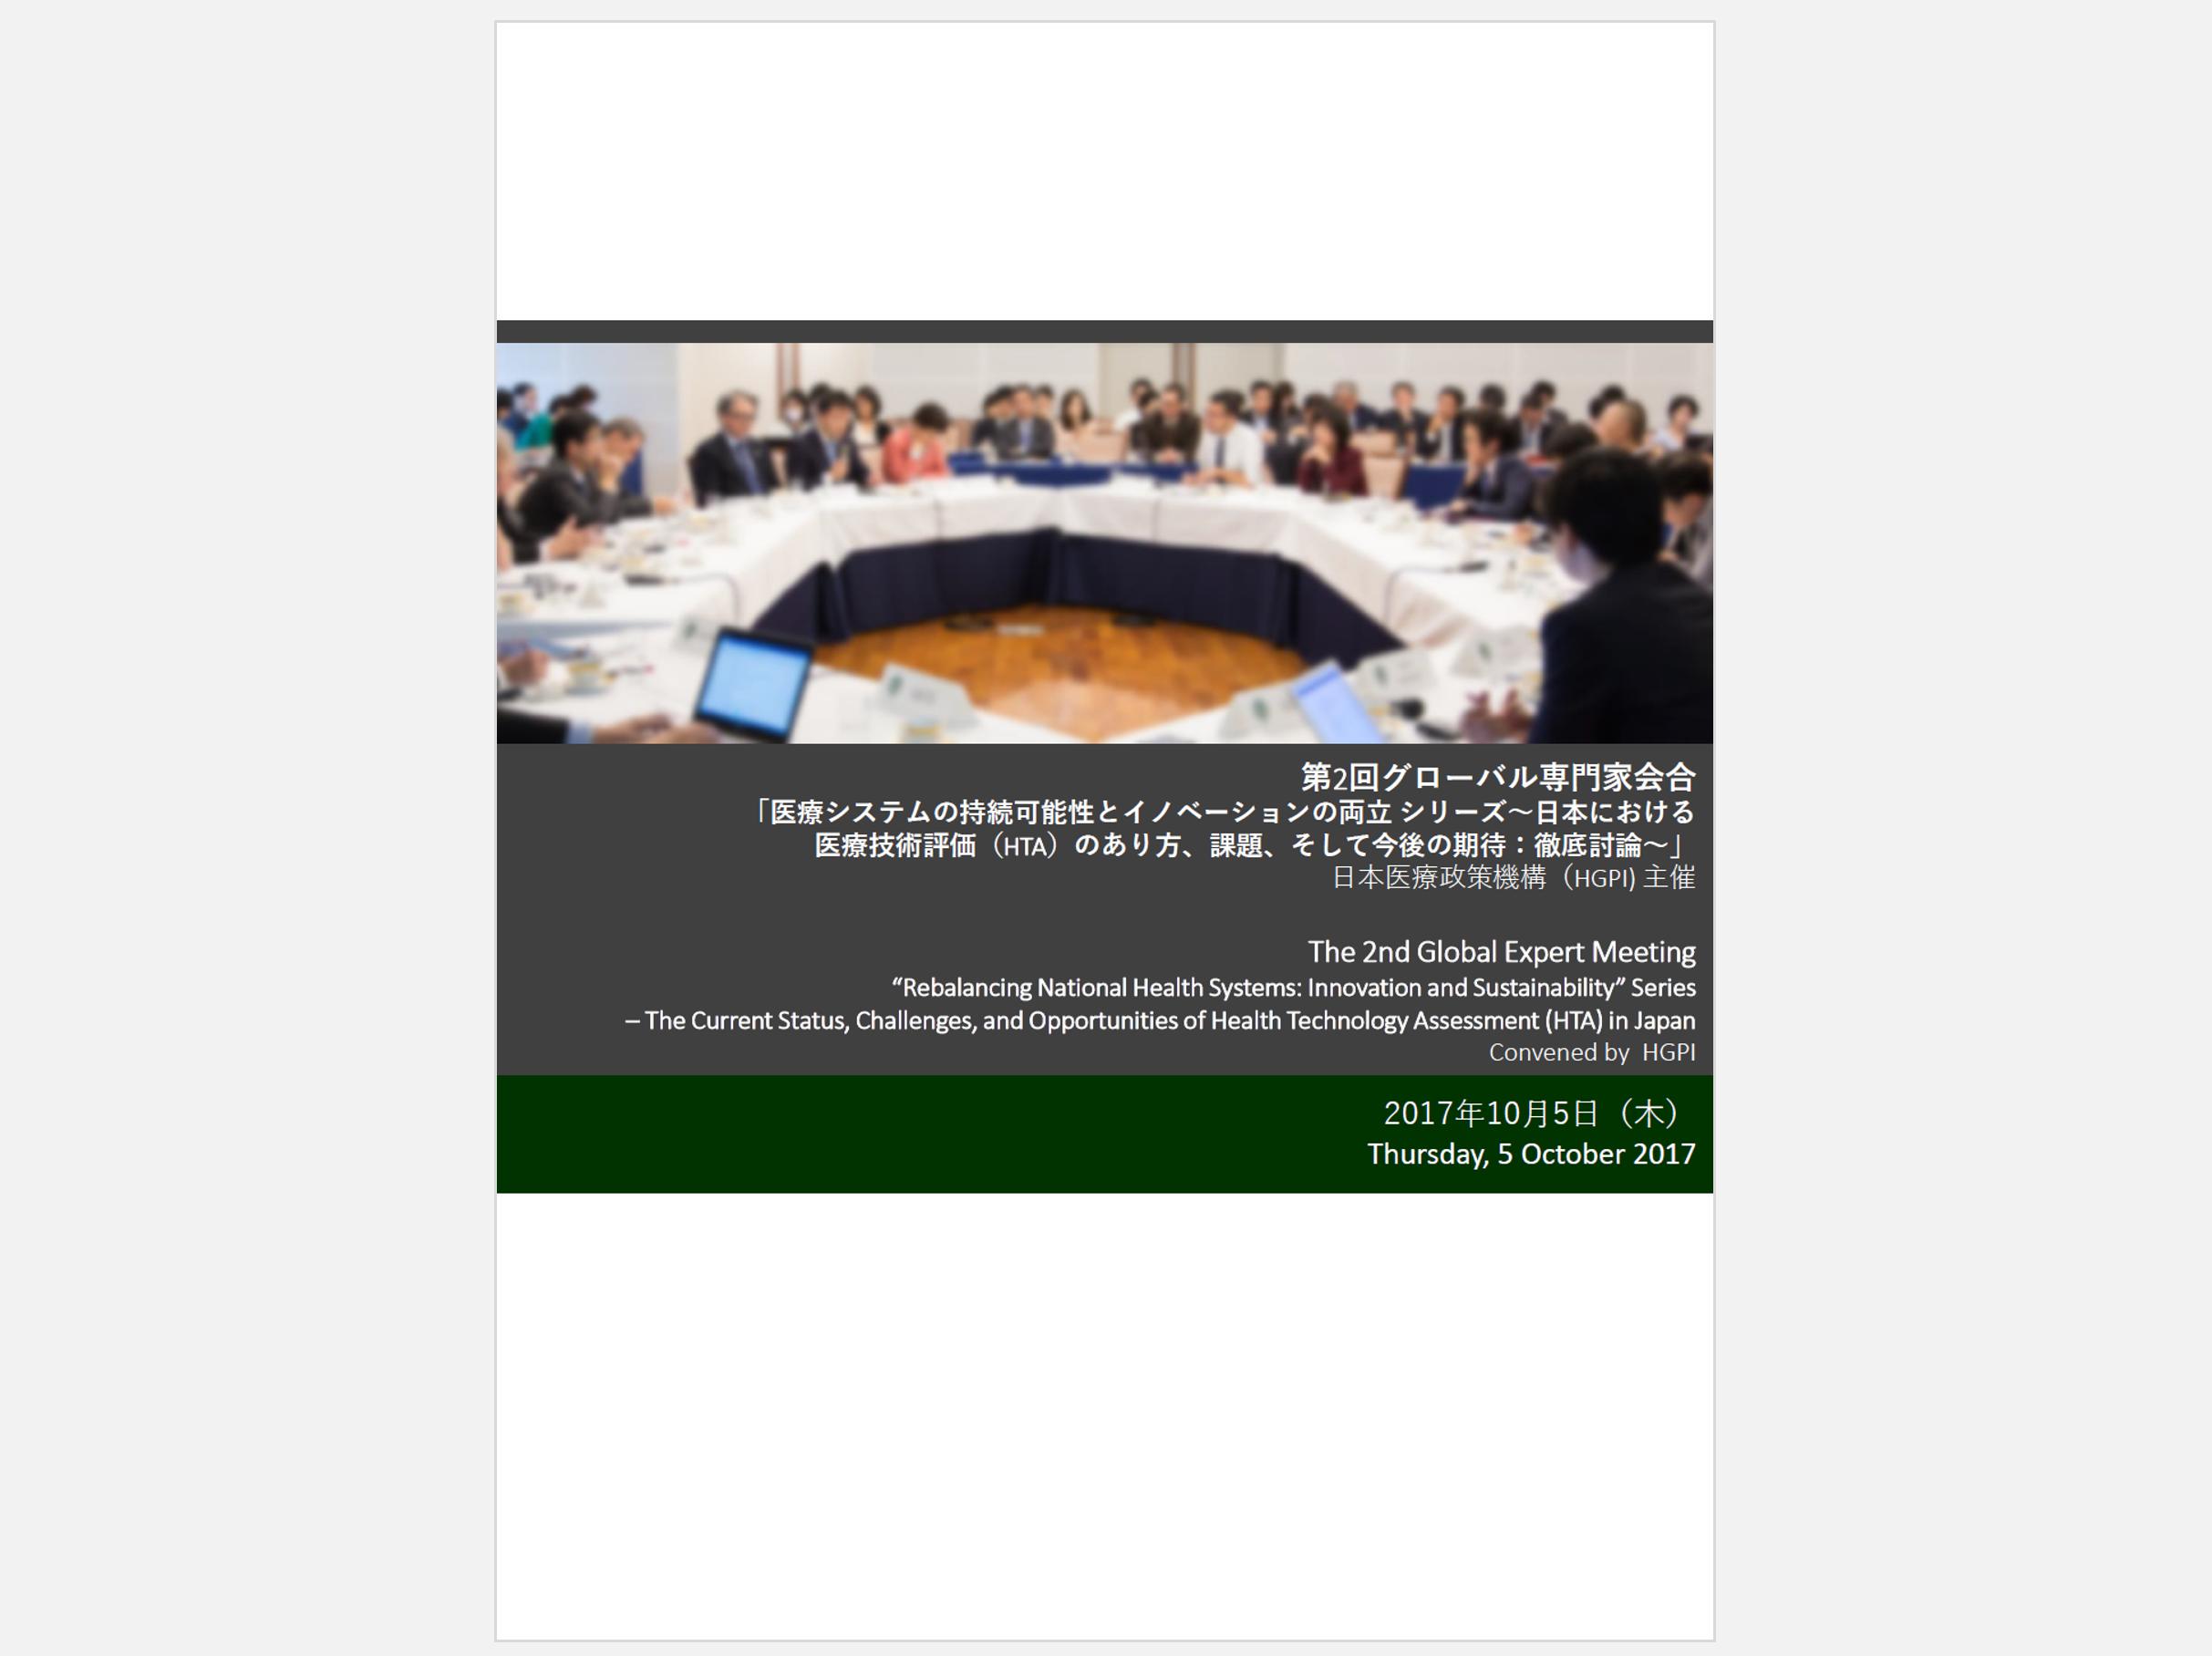 【開催報告・政策提言】第2回グローバル専門家会合「医療システムの持続可能性とイノベーションの両立 シリーズ~日本における医療技術評価(HTA)のあり方、課題、そして今後の期待:徹底討論~」~今後検討すべき総合的な論点~(2017年10月5日)